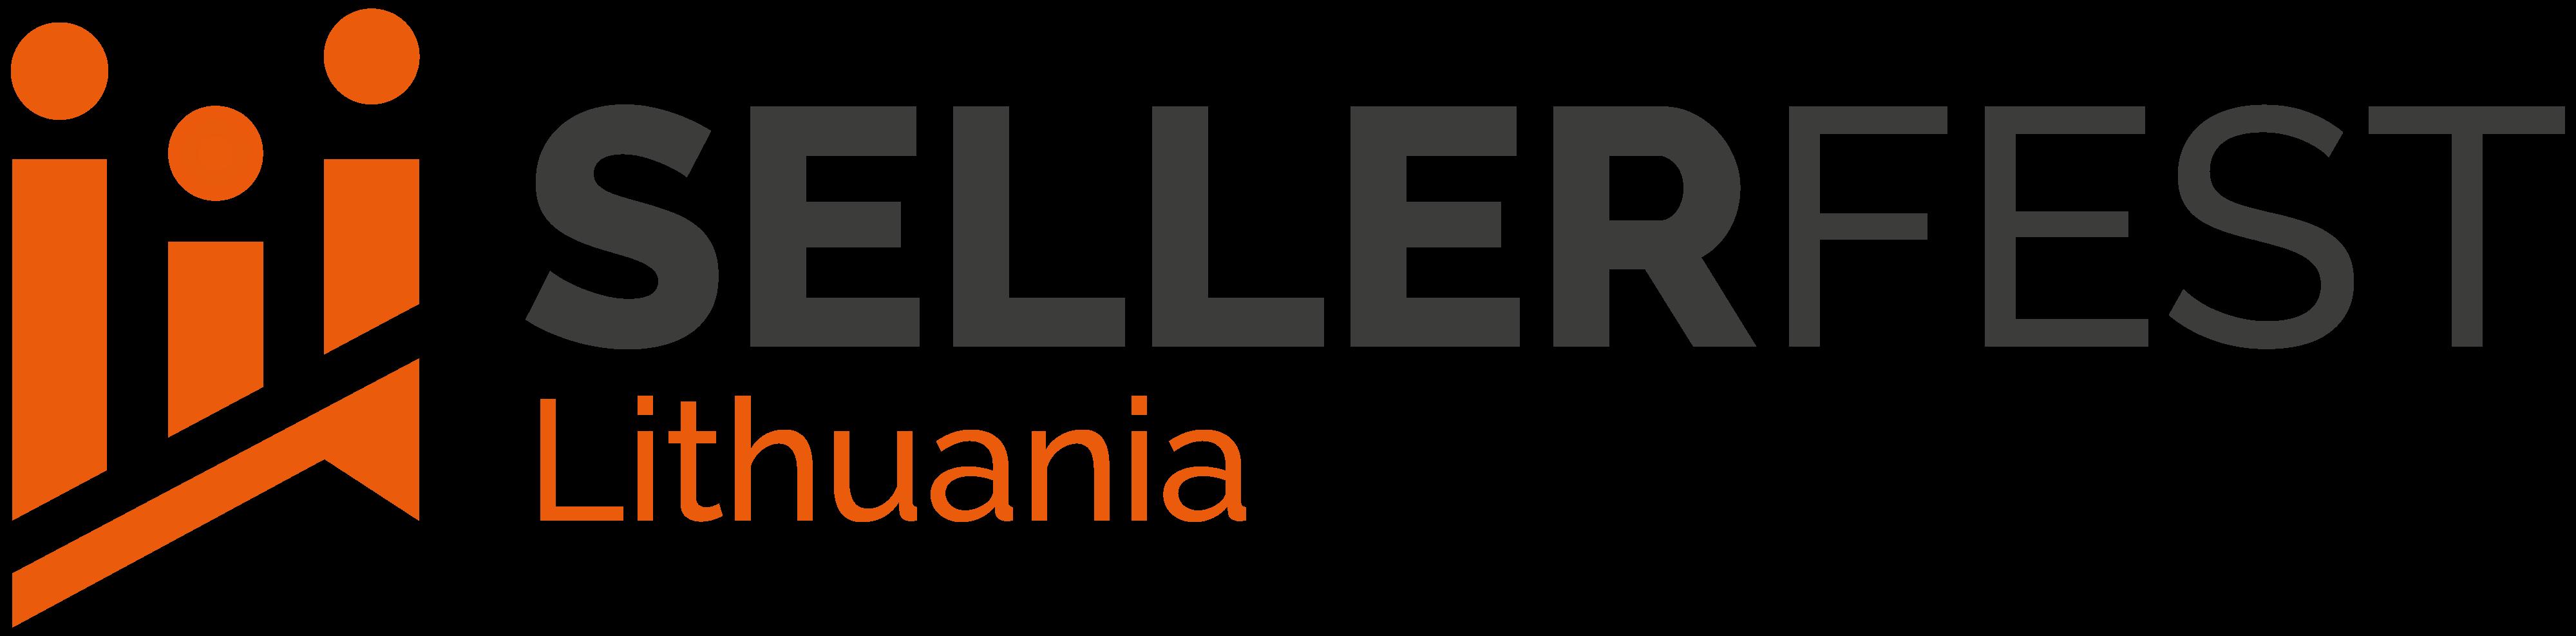 Seller Fest Lithuania